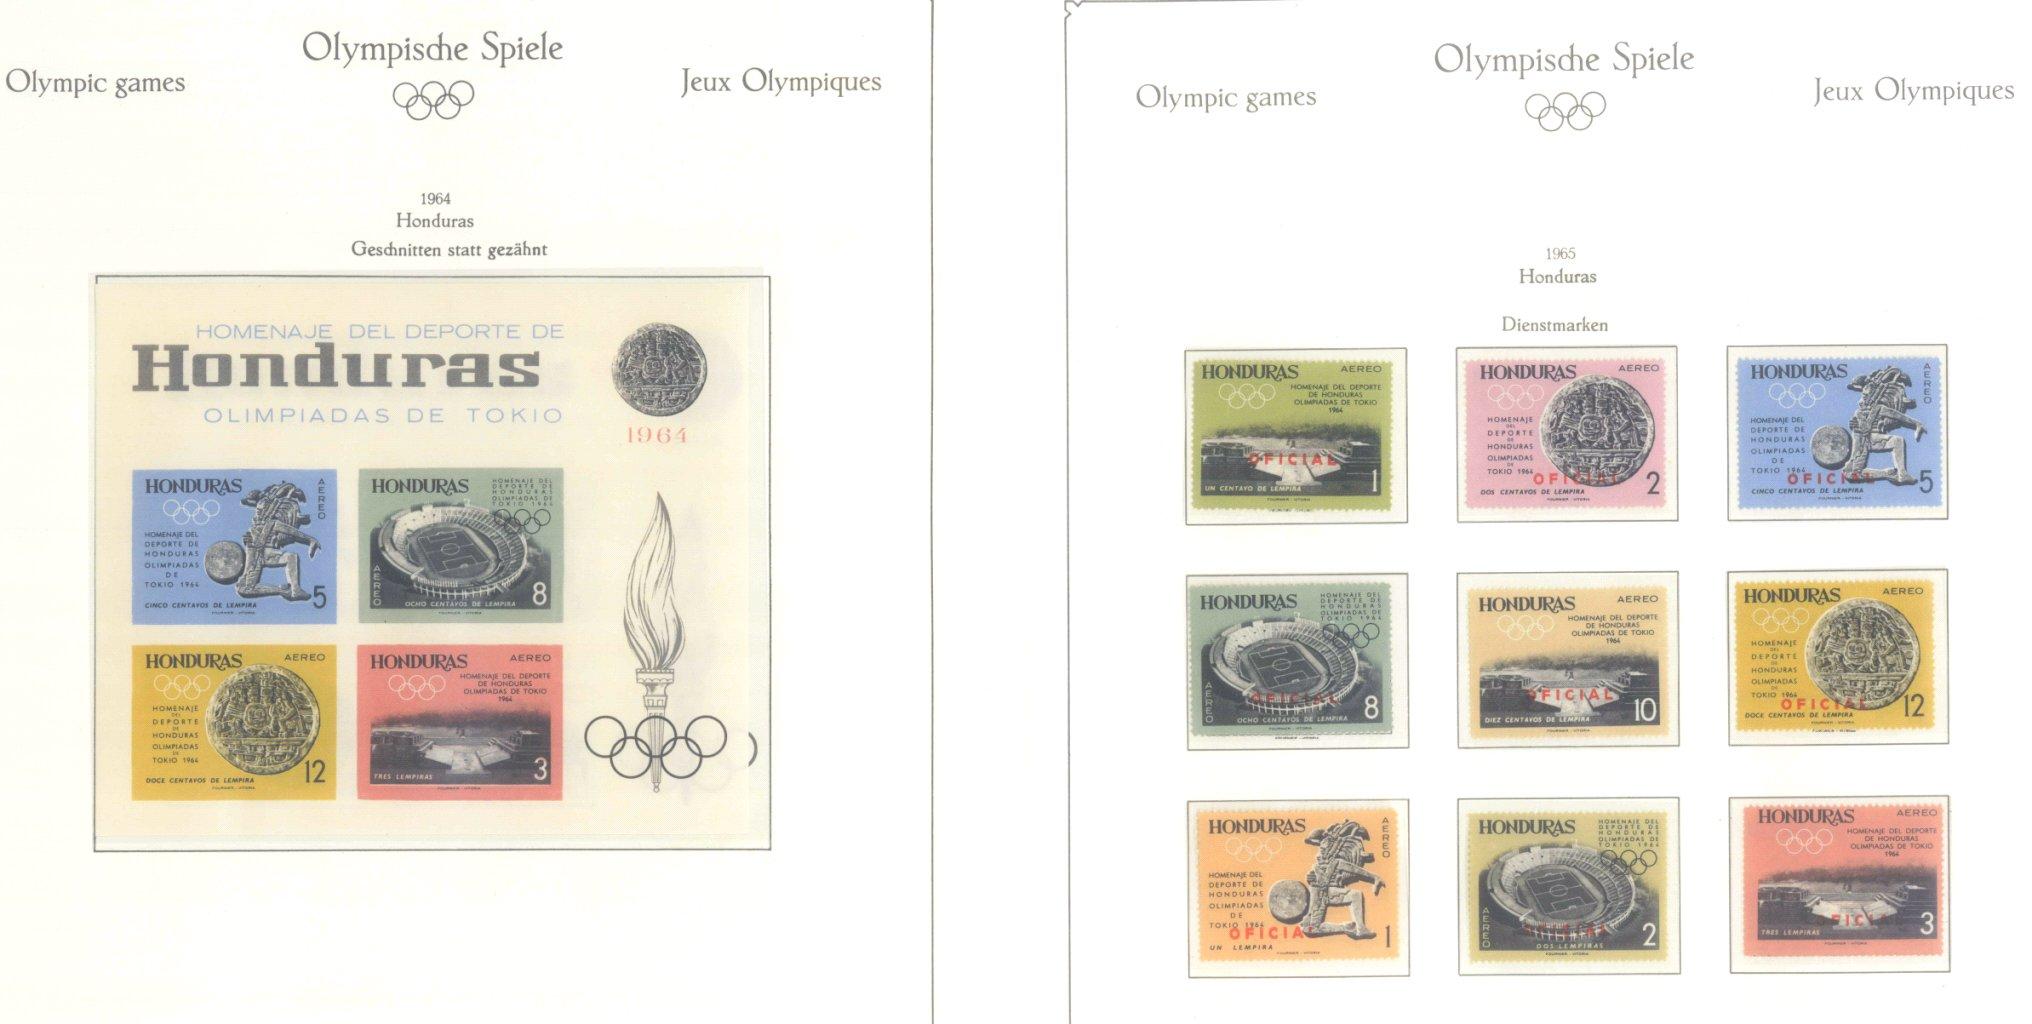 OLYMPISCHE SPIELE 1964 TOKIO, postfrische Sammlung Teil 1-24